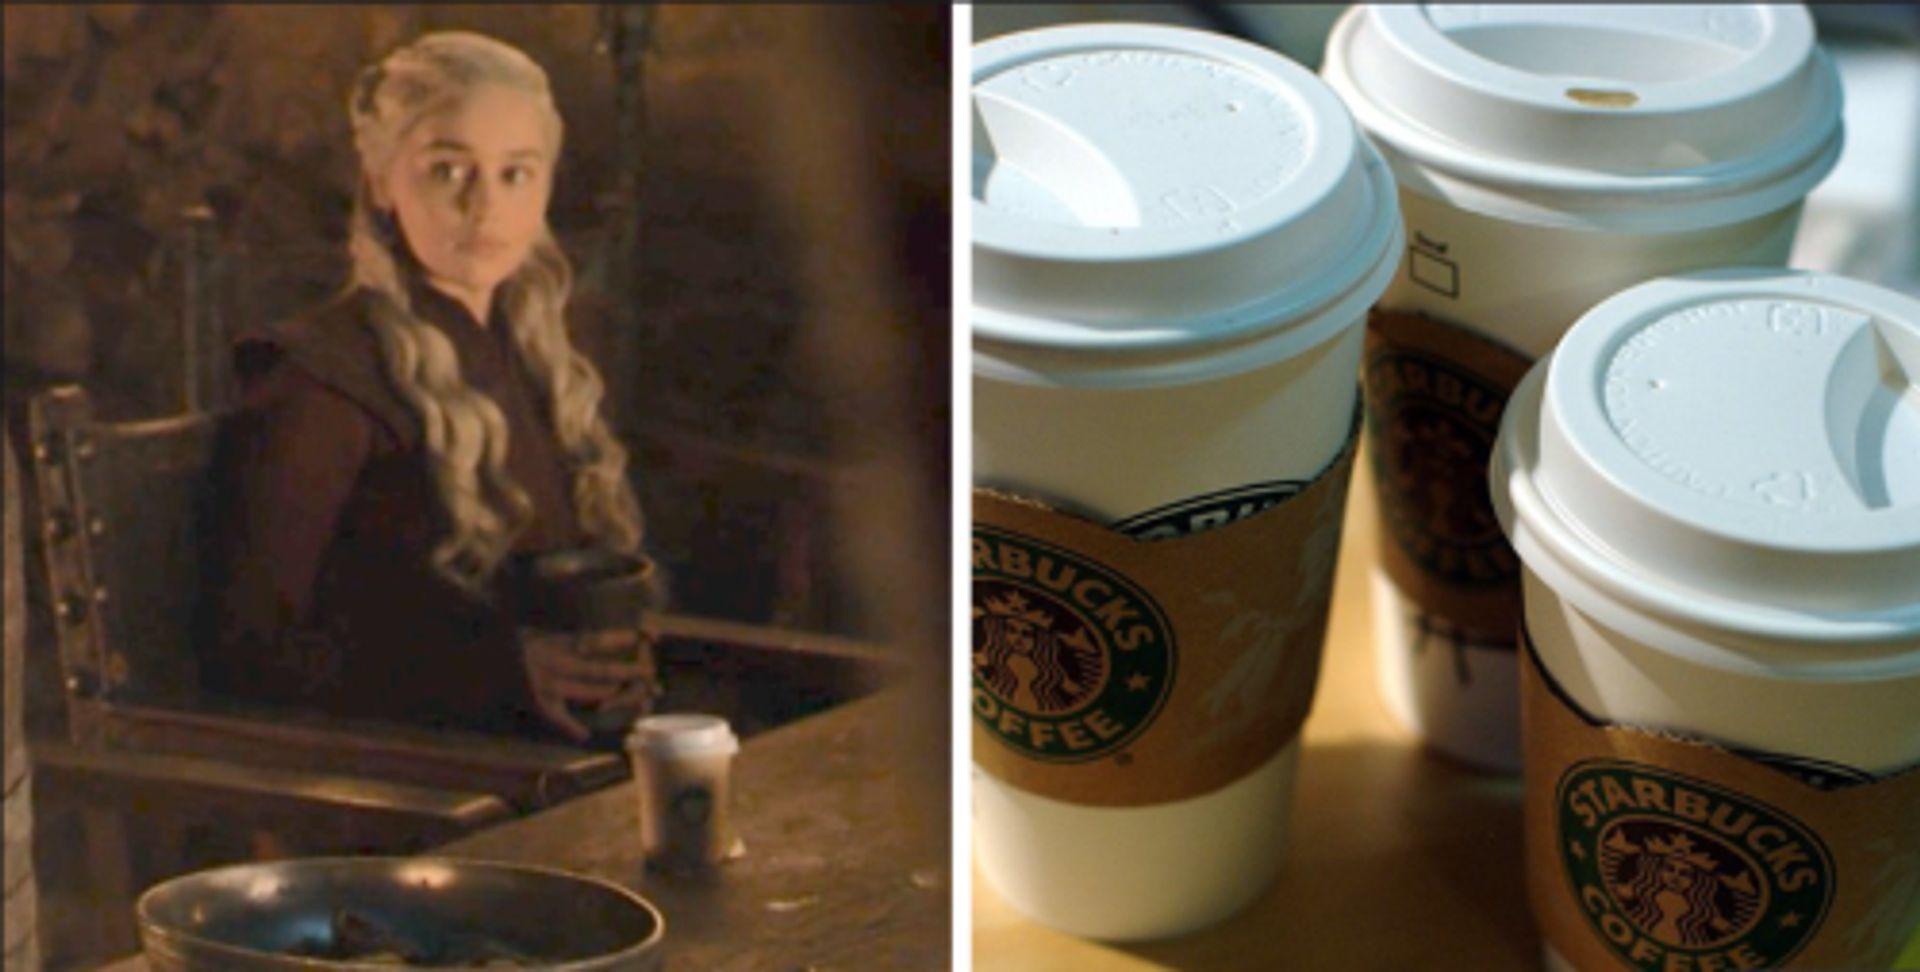 Heeft Game of Thrones een sponsordeal met Starbucks?